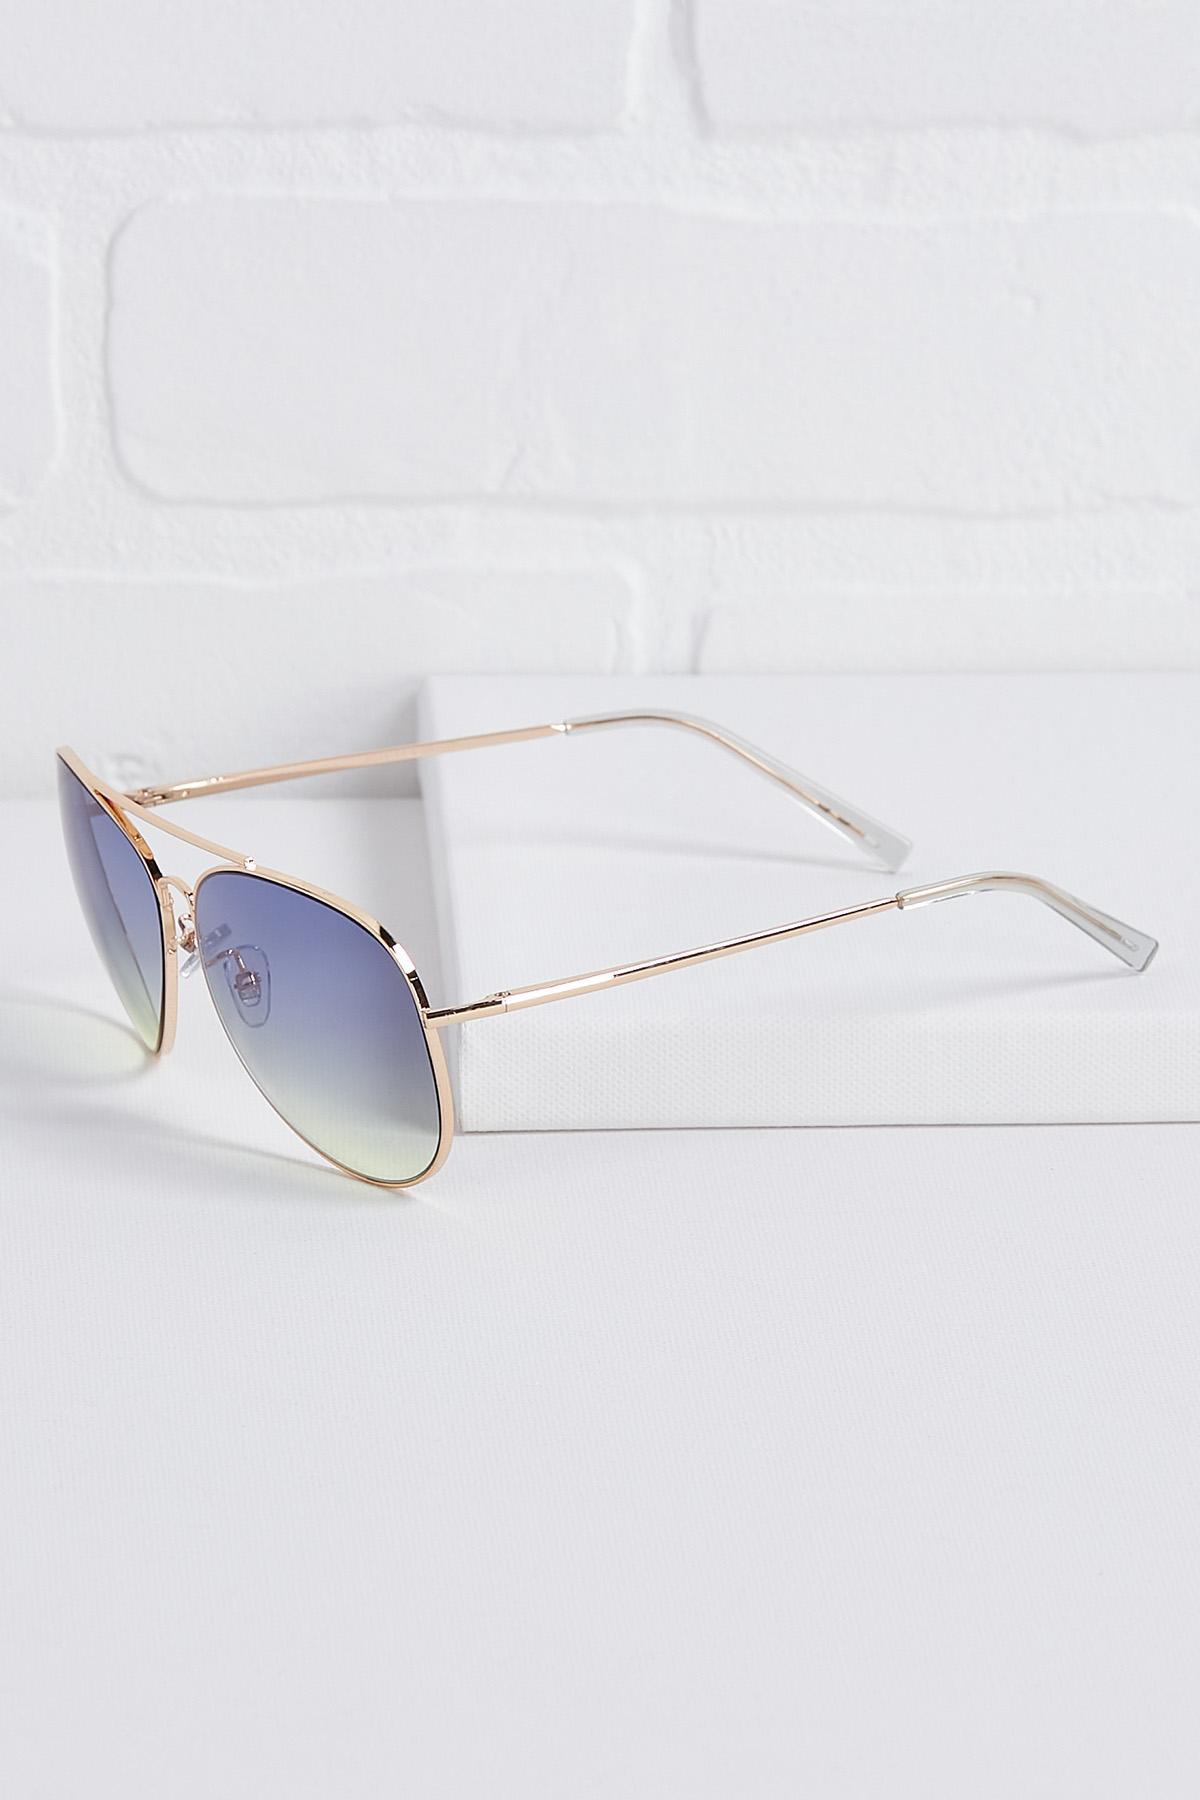 Sights On The Sea Sunglasses